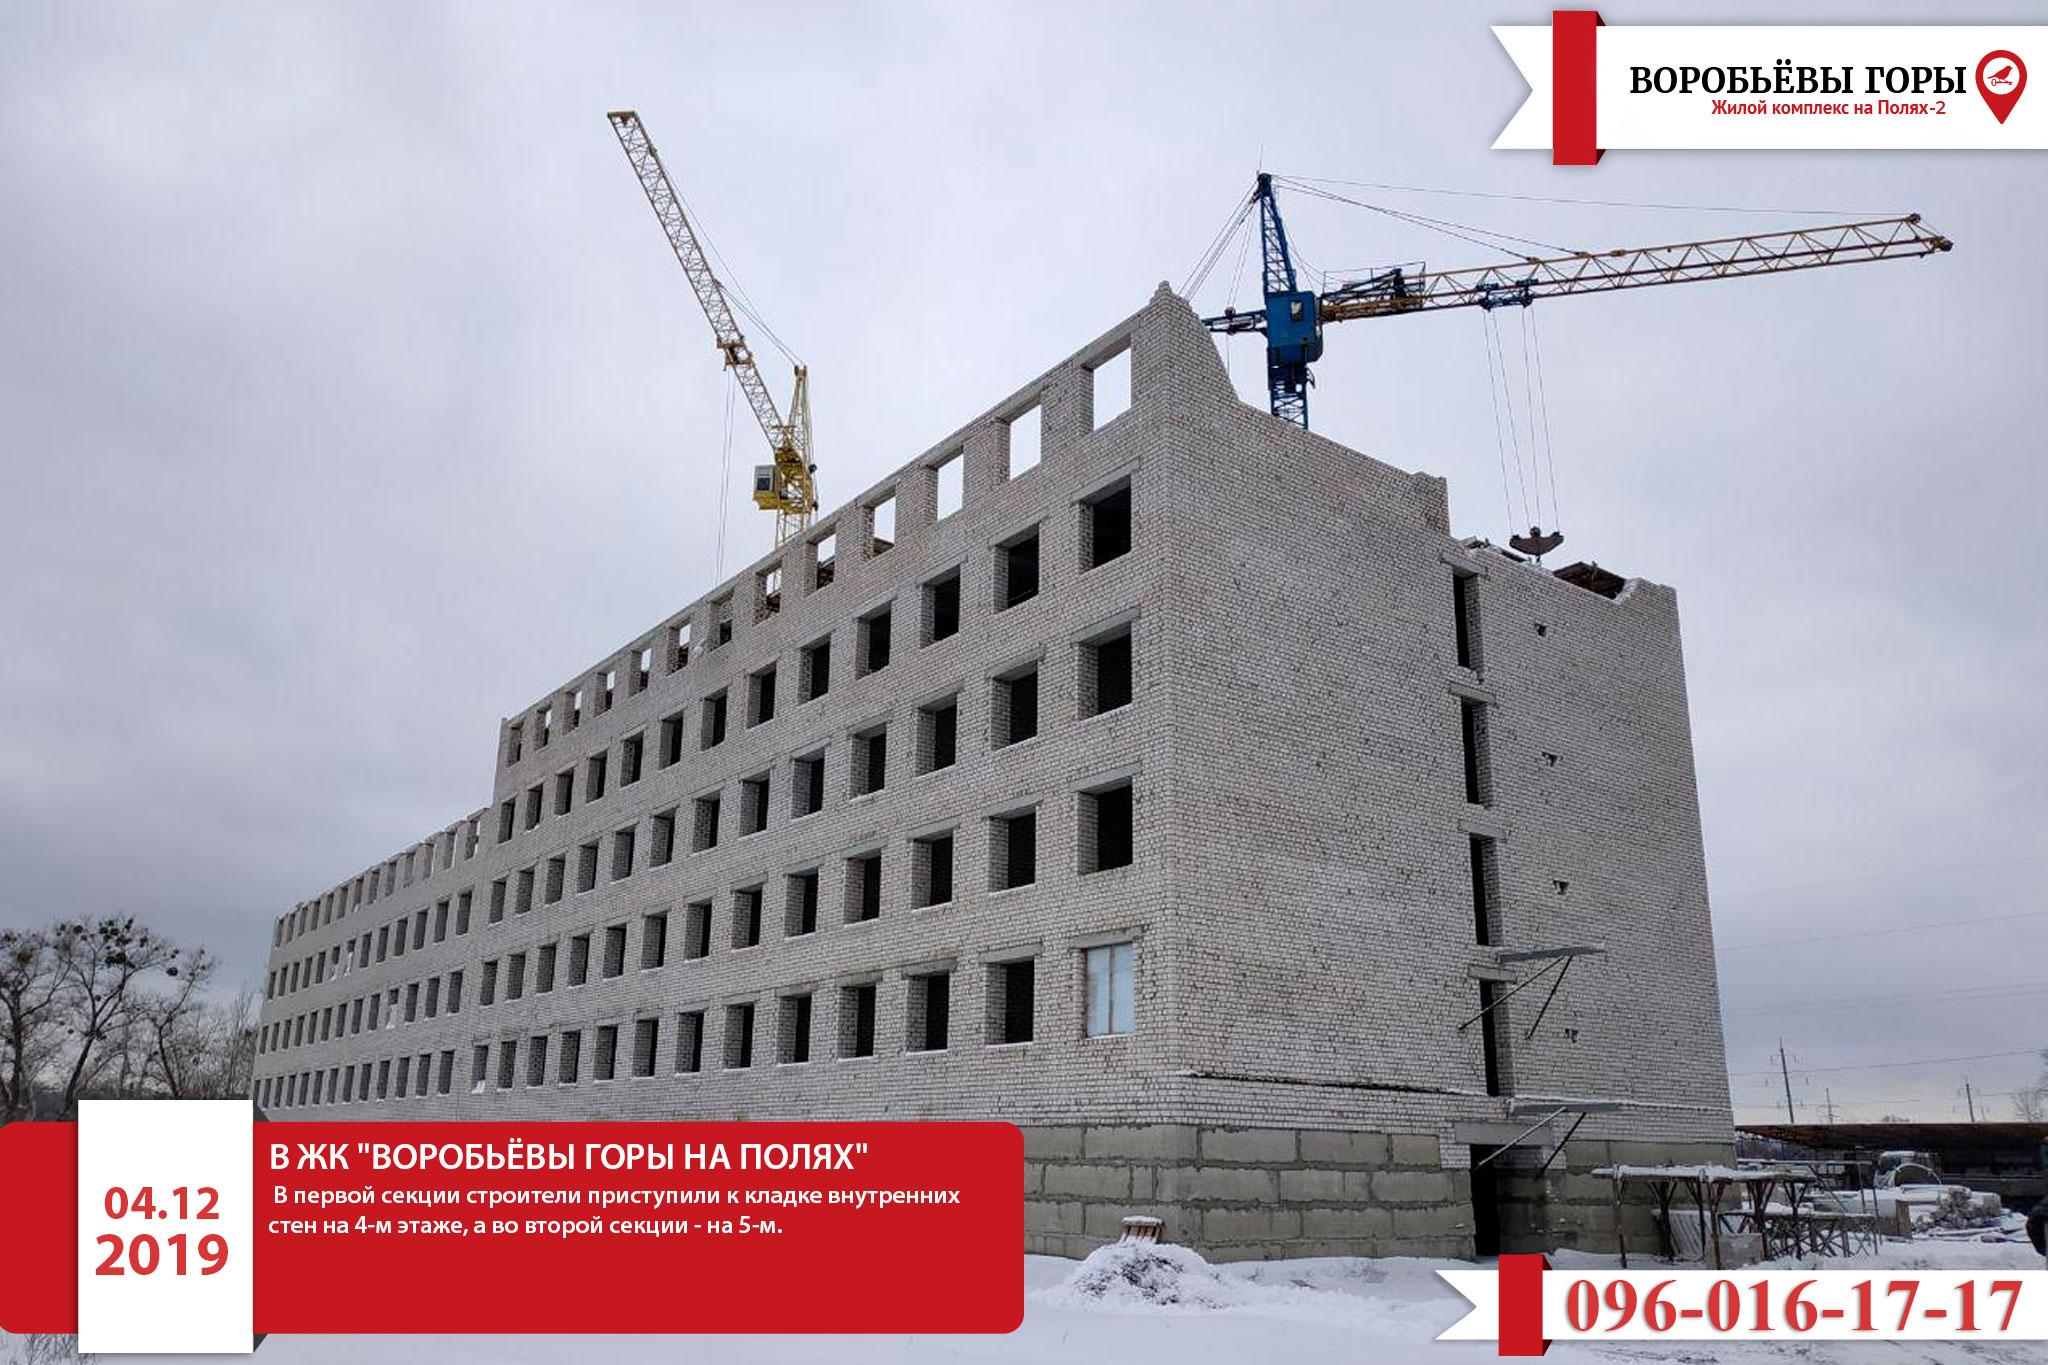 https://www.vorobievy-gory.kharkov.ua/chto-izvestno-o-stroitelstve-zhk-vorobevy-gory-na-polyah/